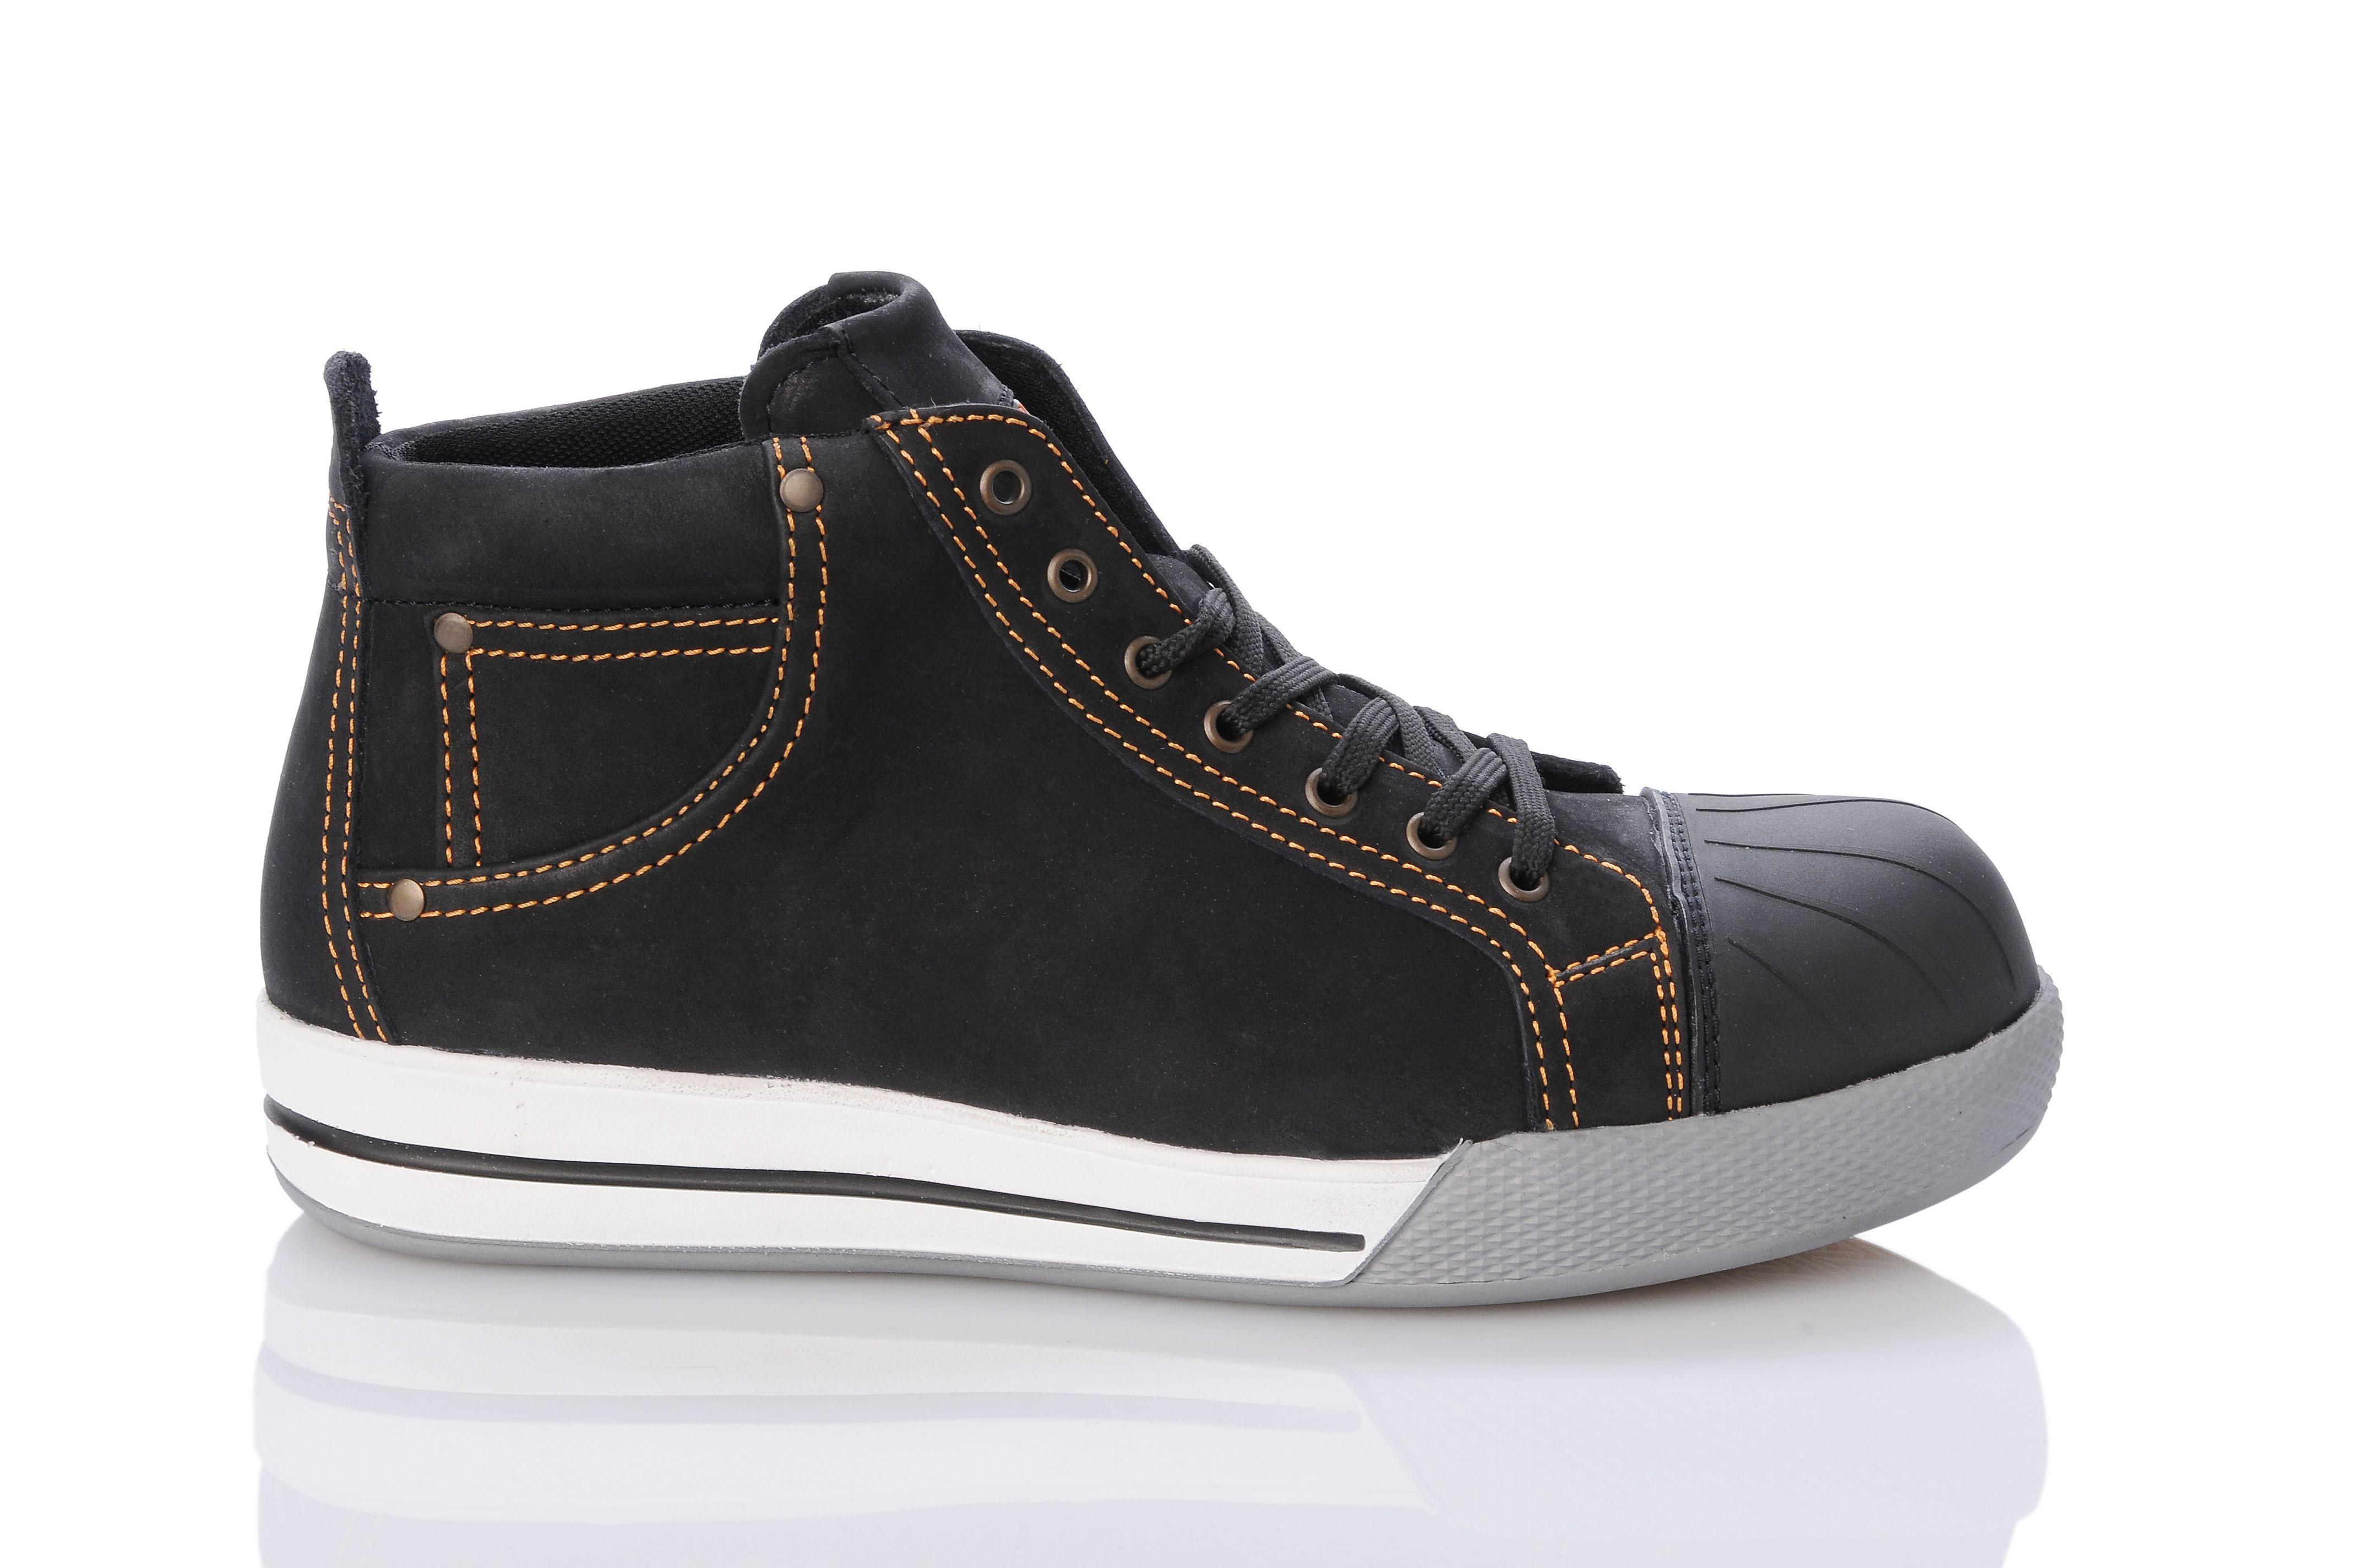 sicherheitsschuhe redbrick sneaker 2w4 sport s3 kurt sportlich sehr robust ebay. Black Bedroom Furniture Sets. Home Design Ideas